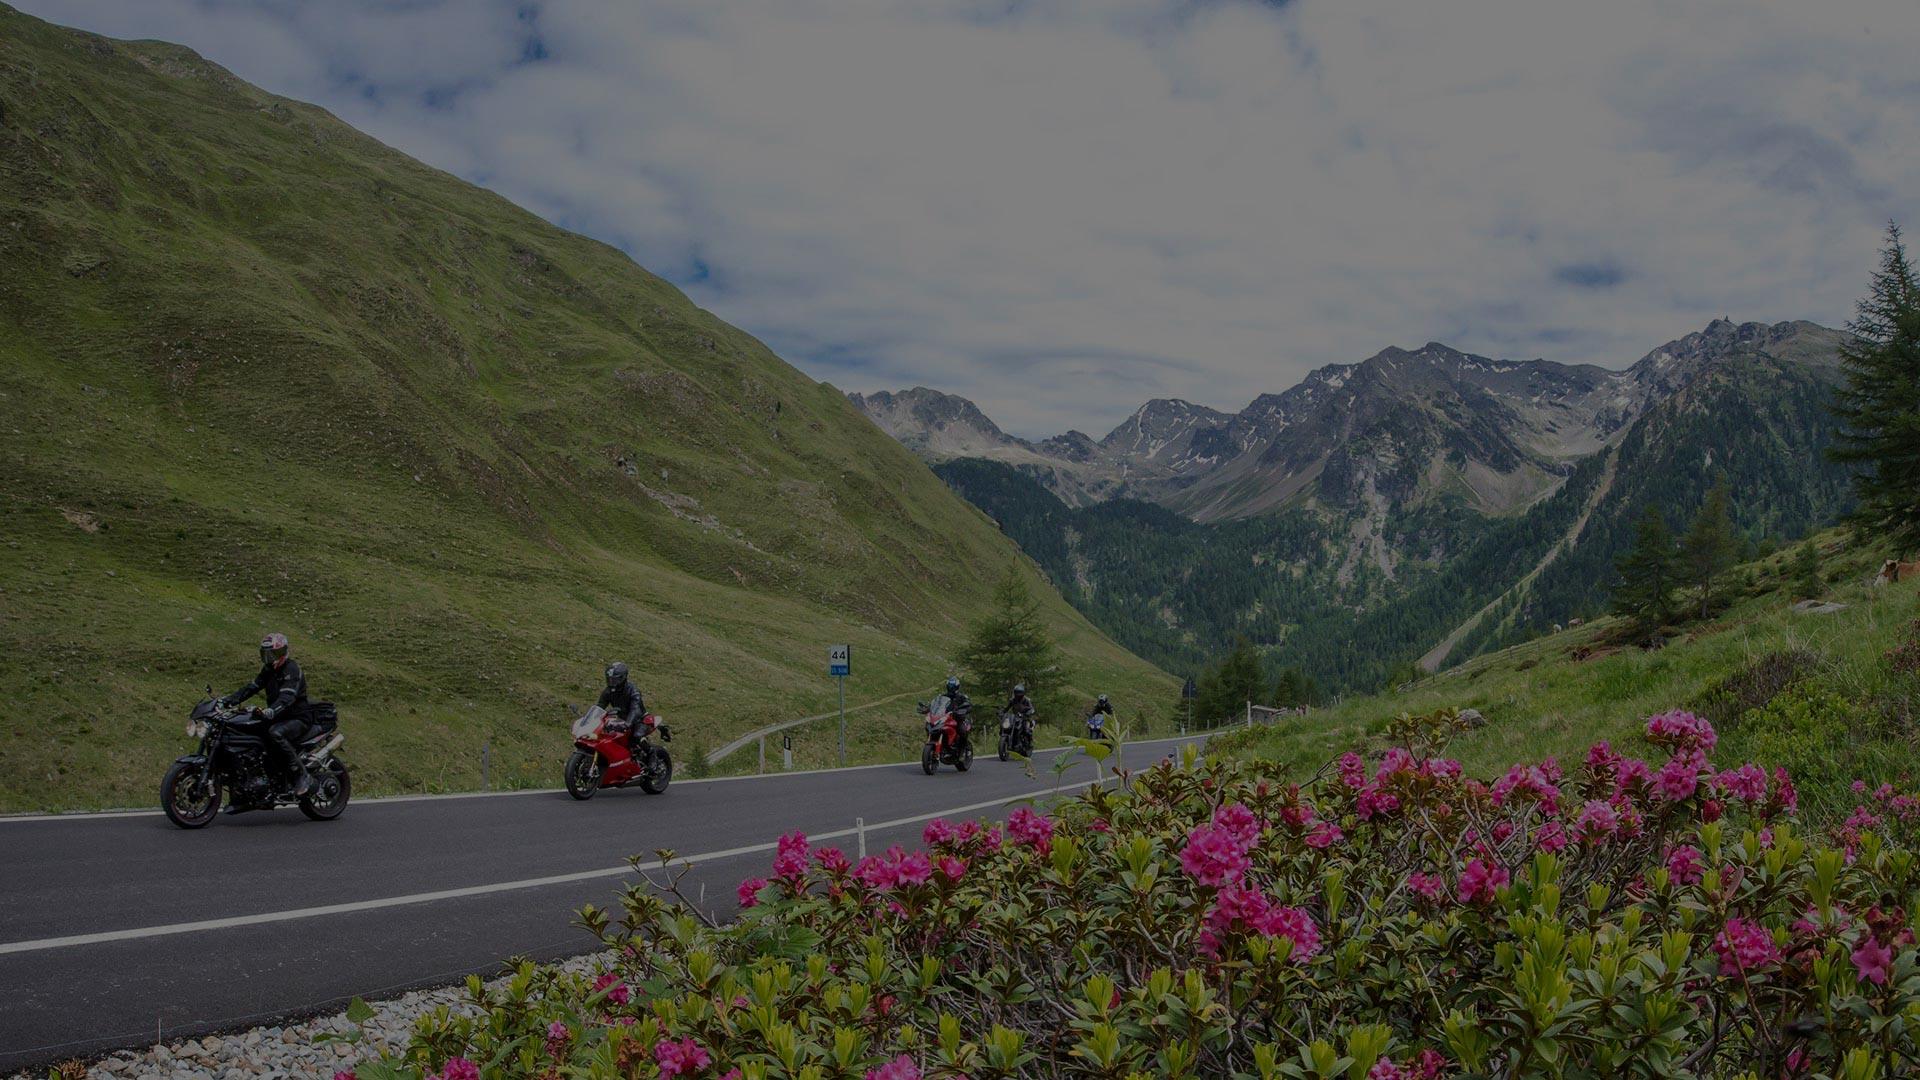 Bikerparadies im Sarntal, Südtirol - Bikers welcome